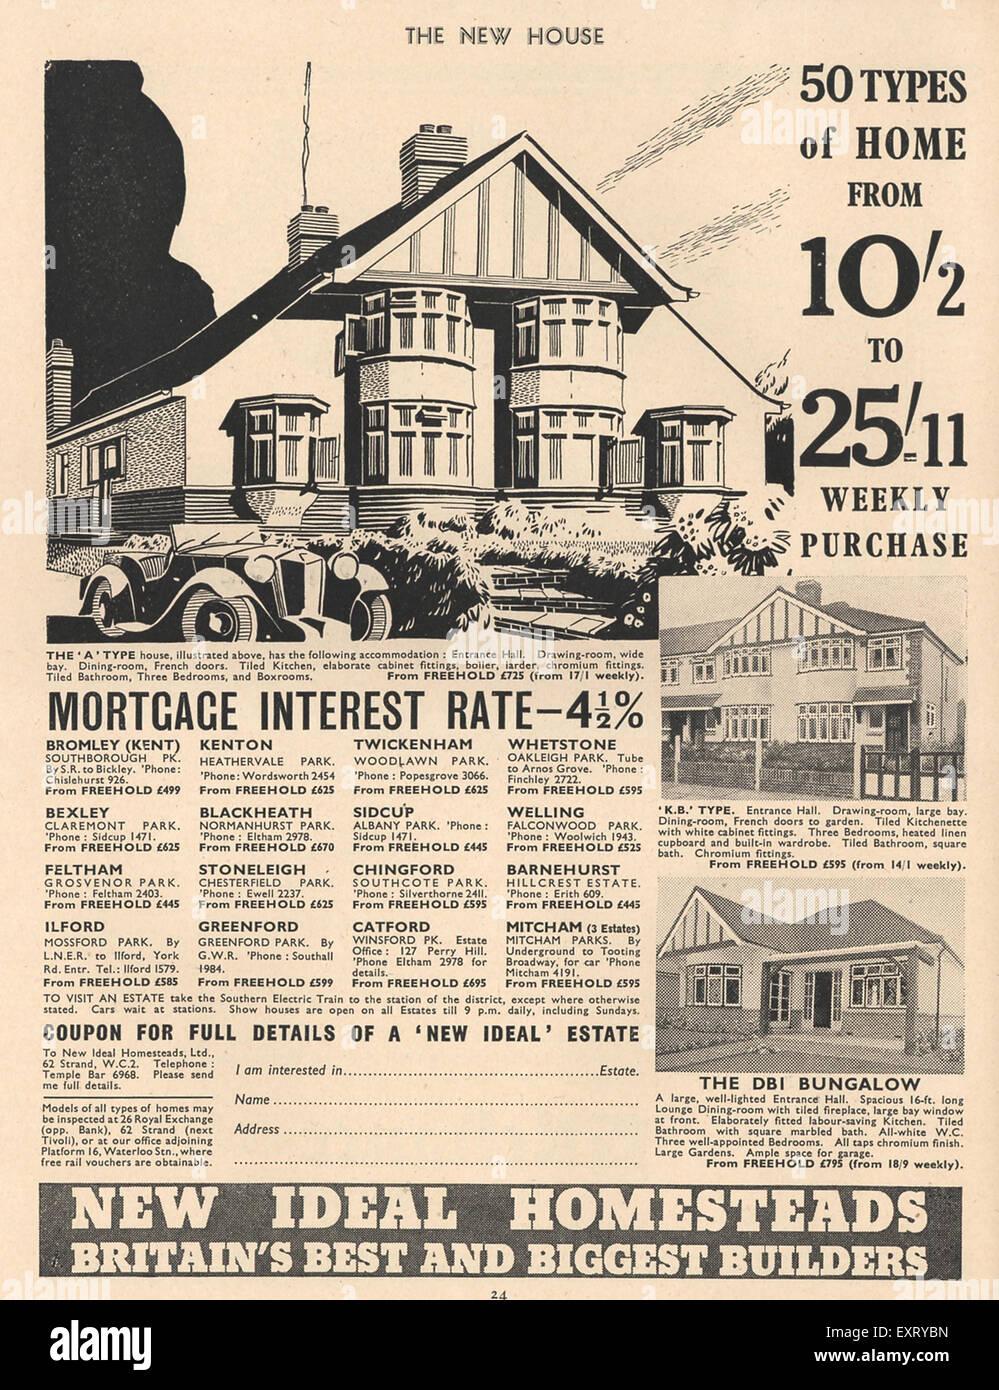 1930s uk new homes magazine advert - New Home Magazines